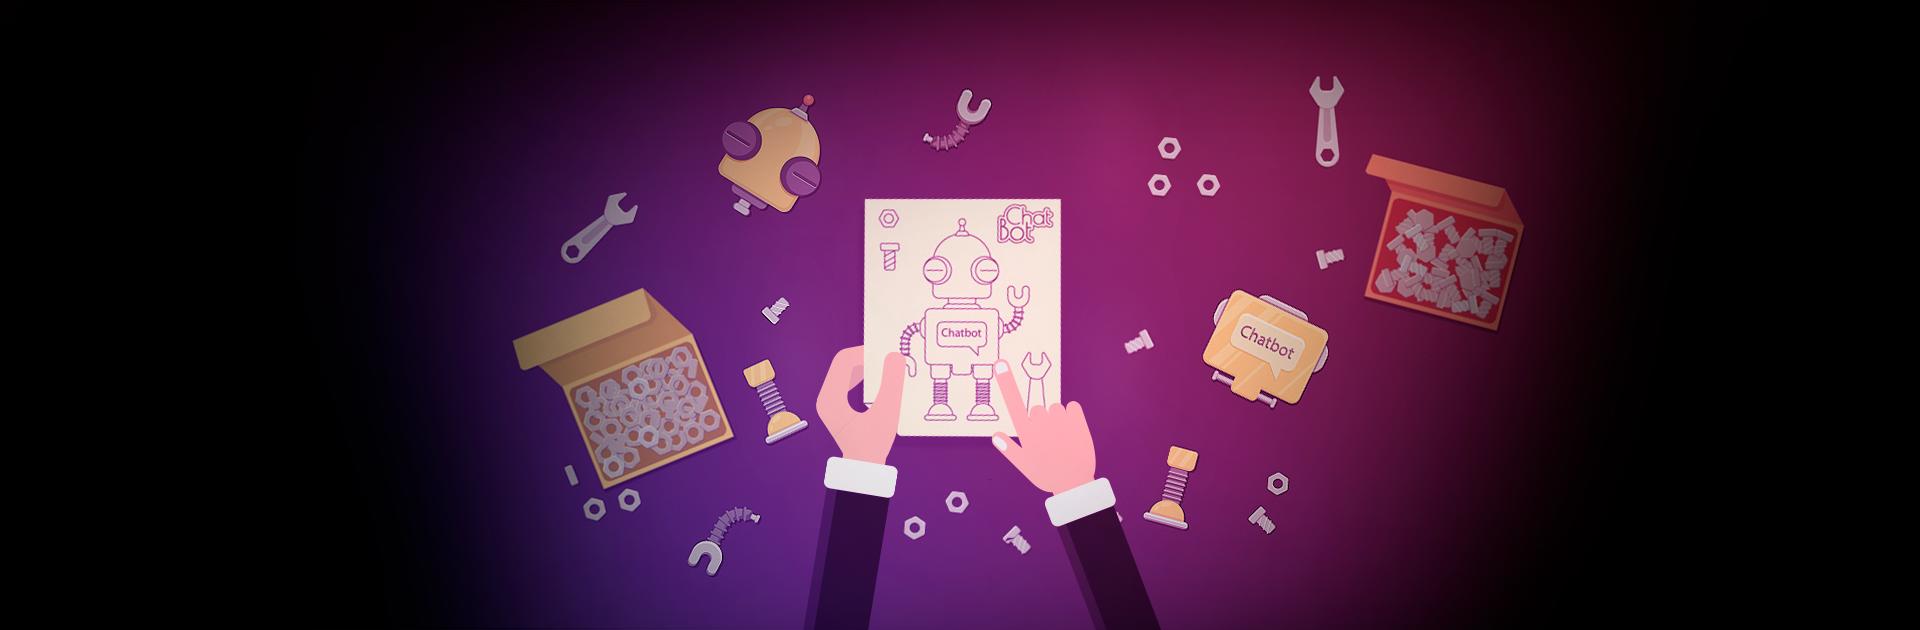 Como criar um chatbot para a minha empresa?